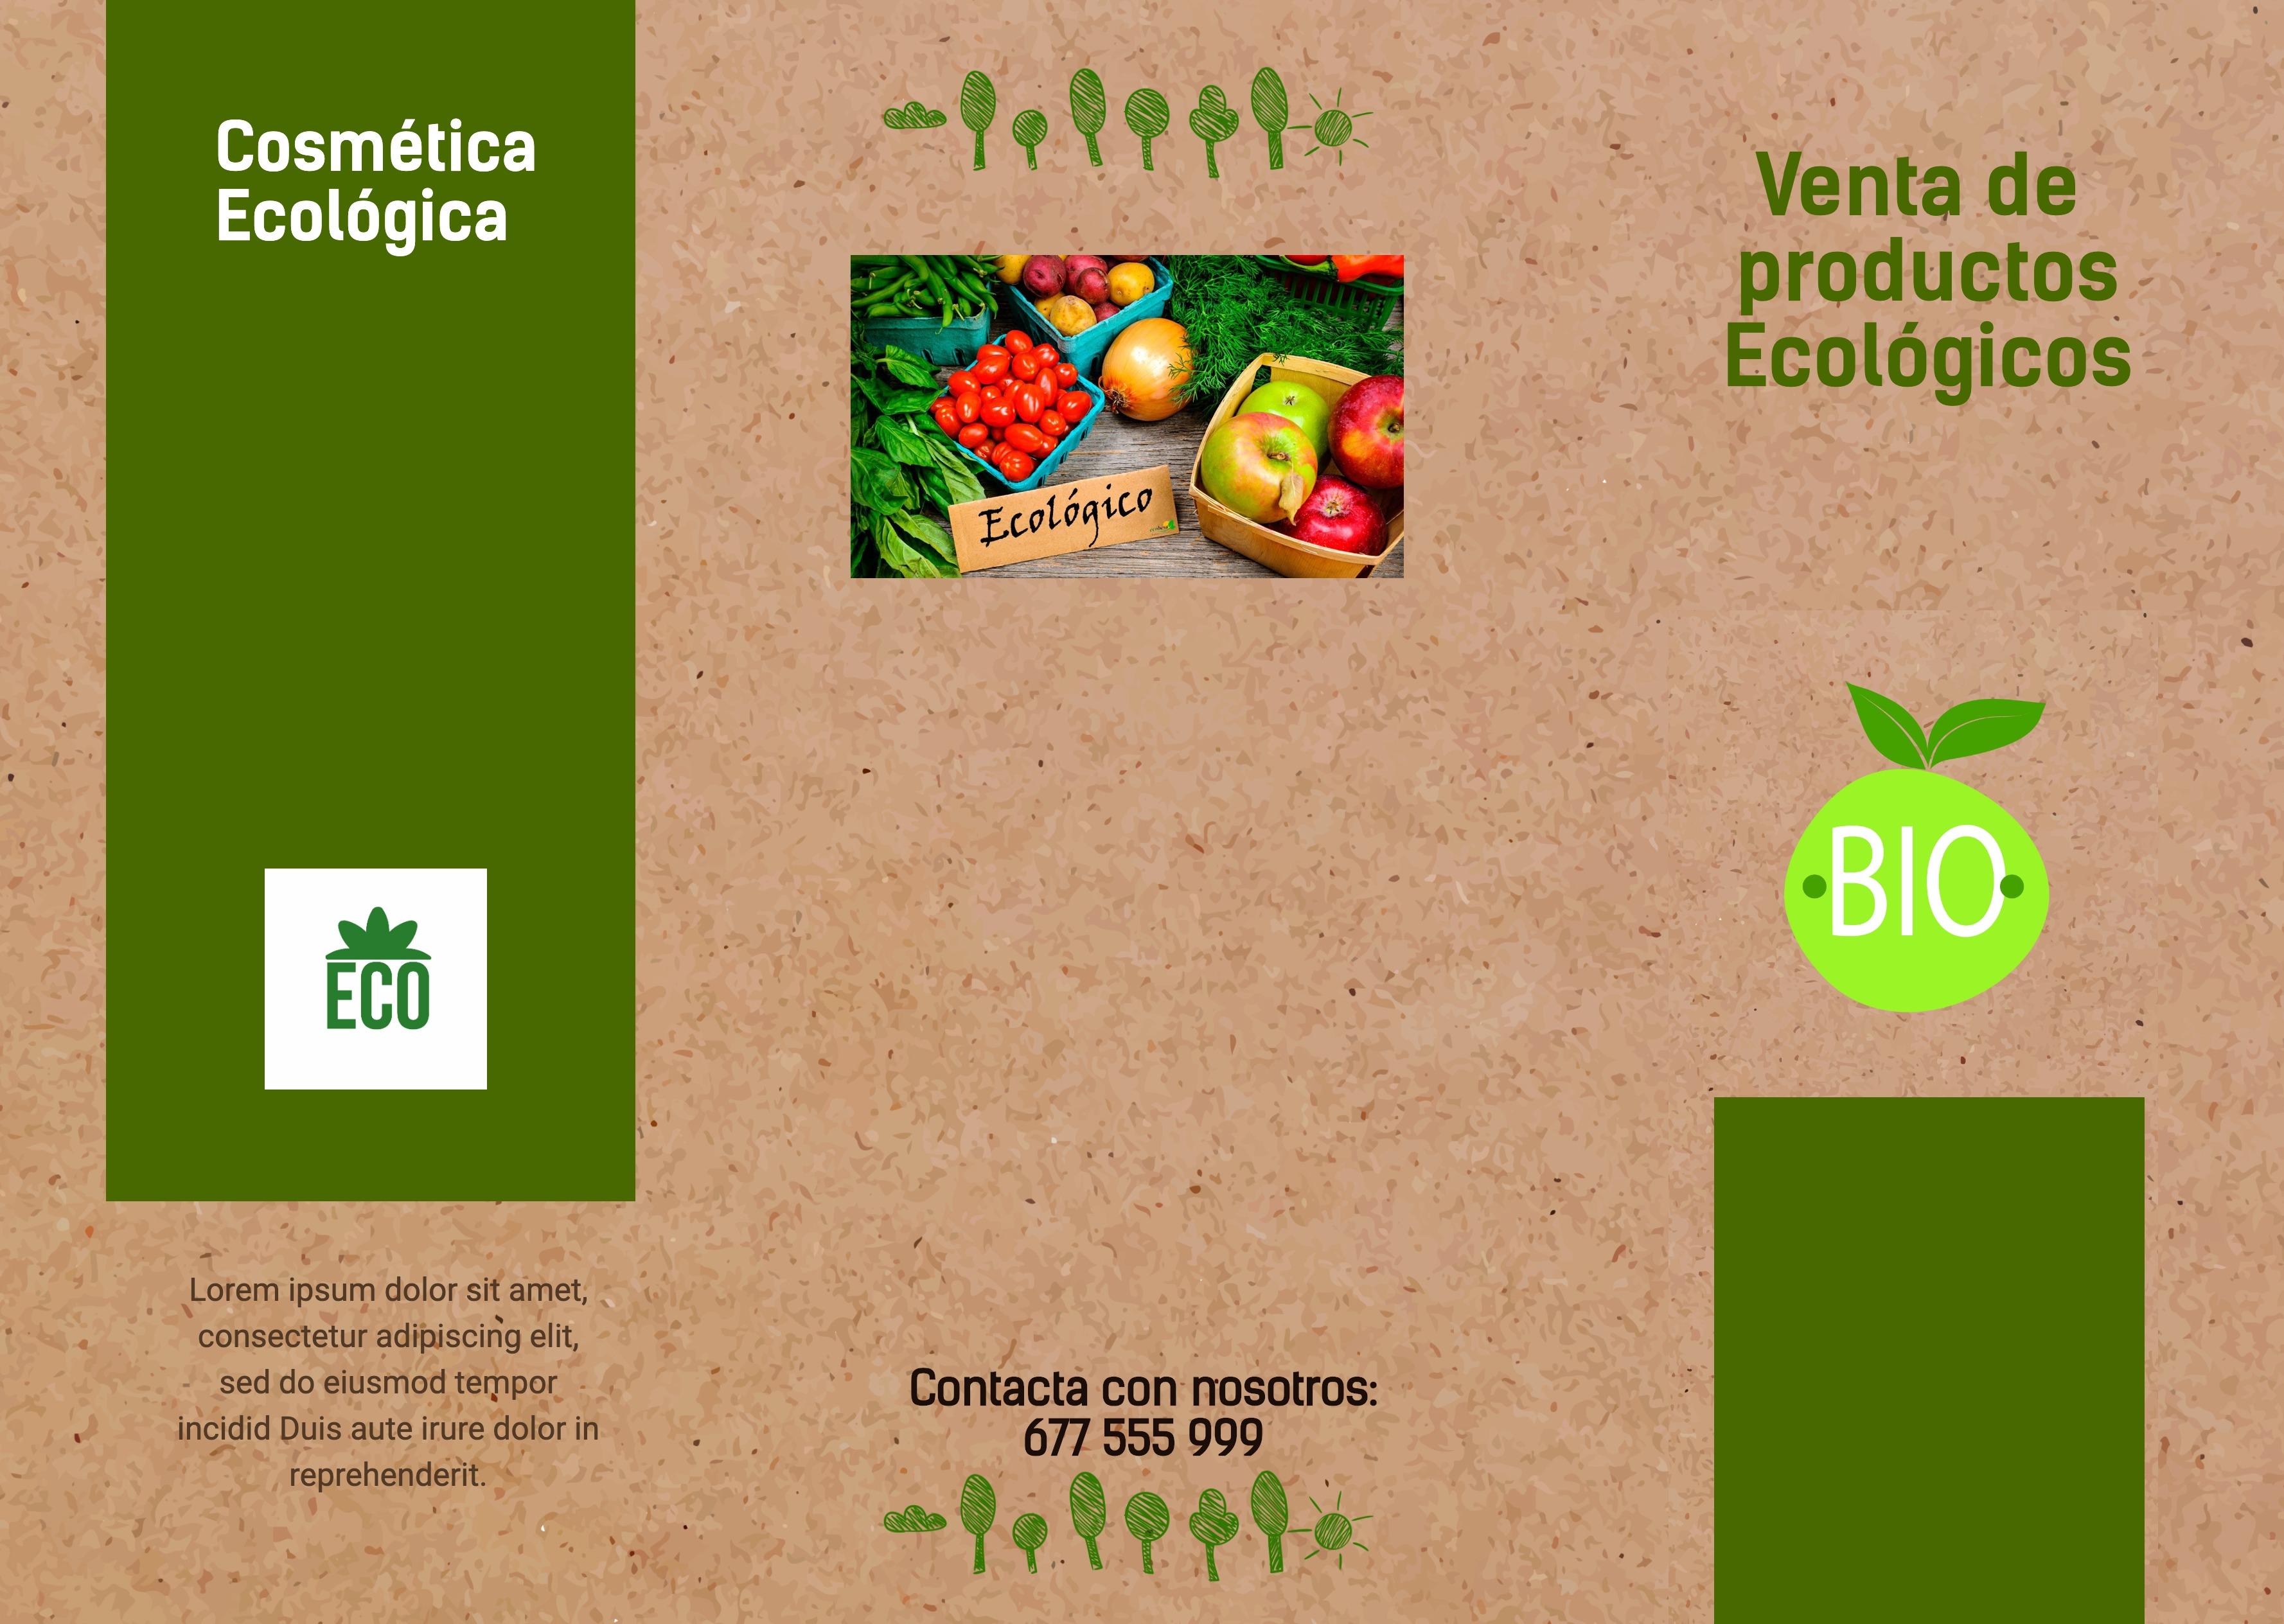 Trípticos retiro de Productos ecologicos